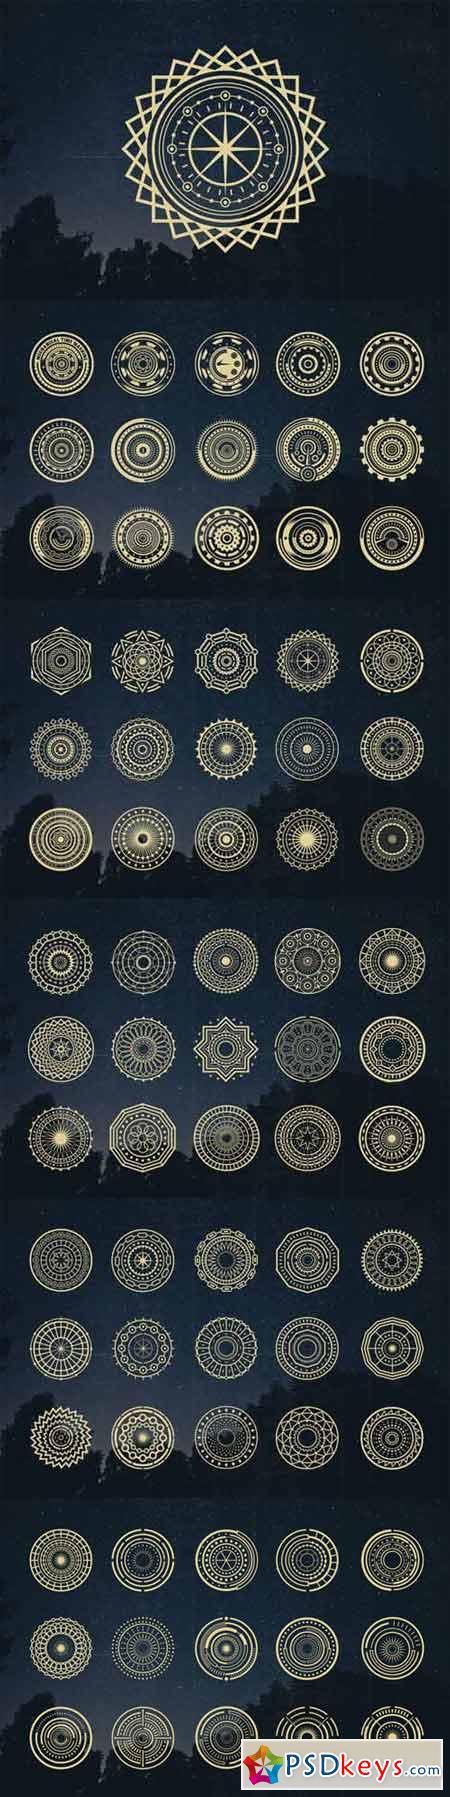 75 Circle Mandala 328025